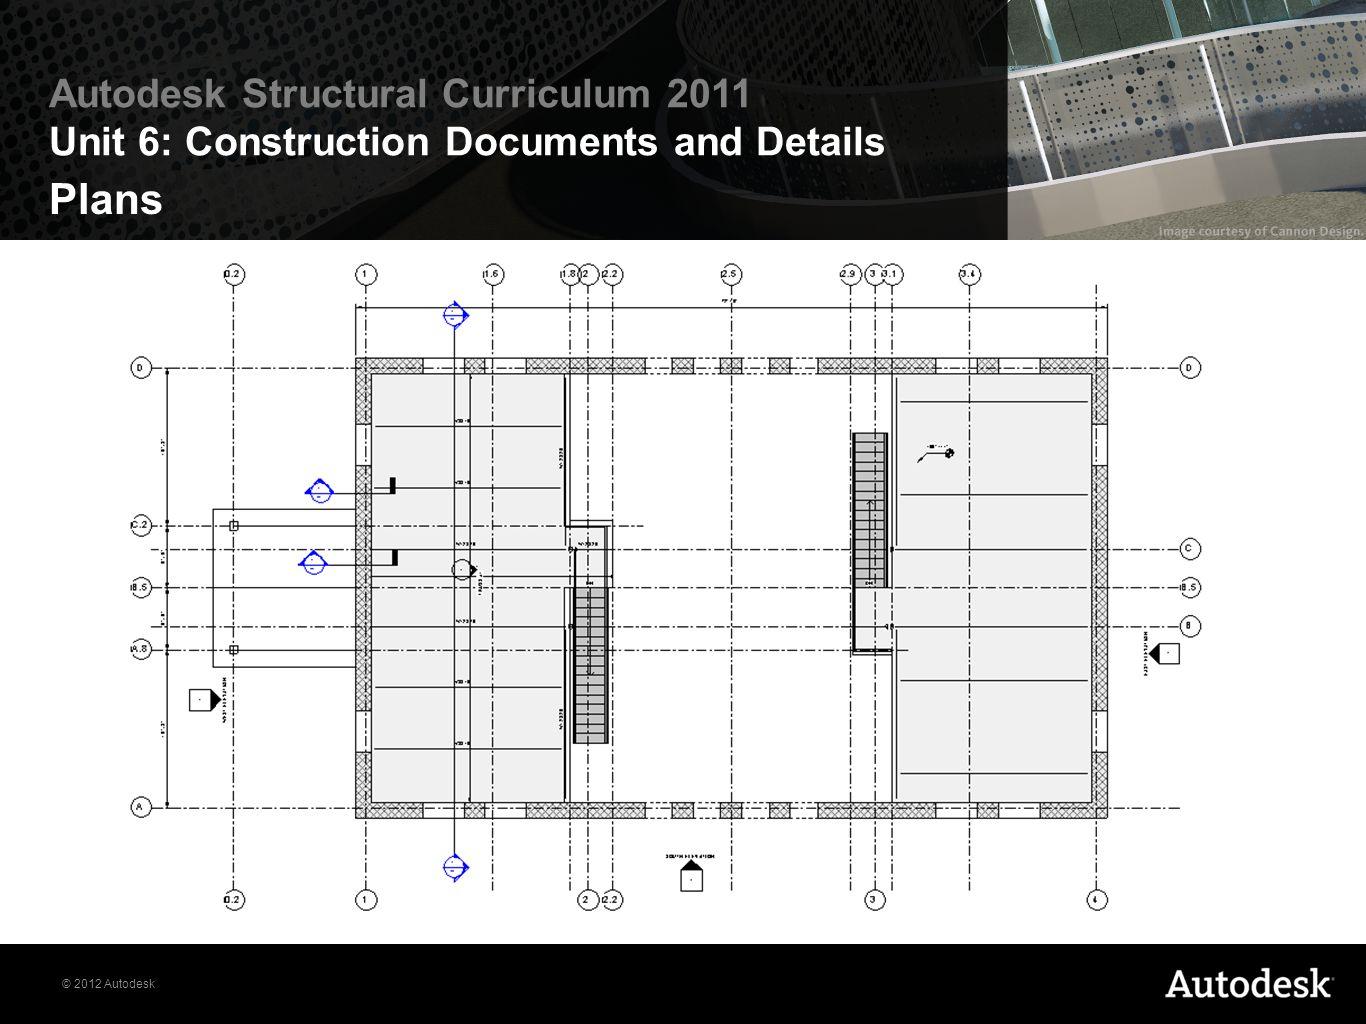 © 2012 Autodesk Autodesk Structural Curriculum 2011 Unit 6: Construction Documents and Details Plans